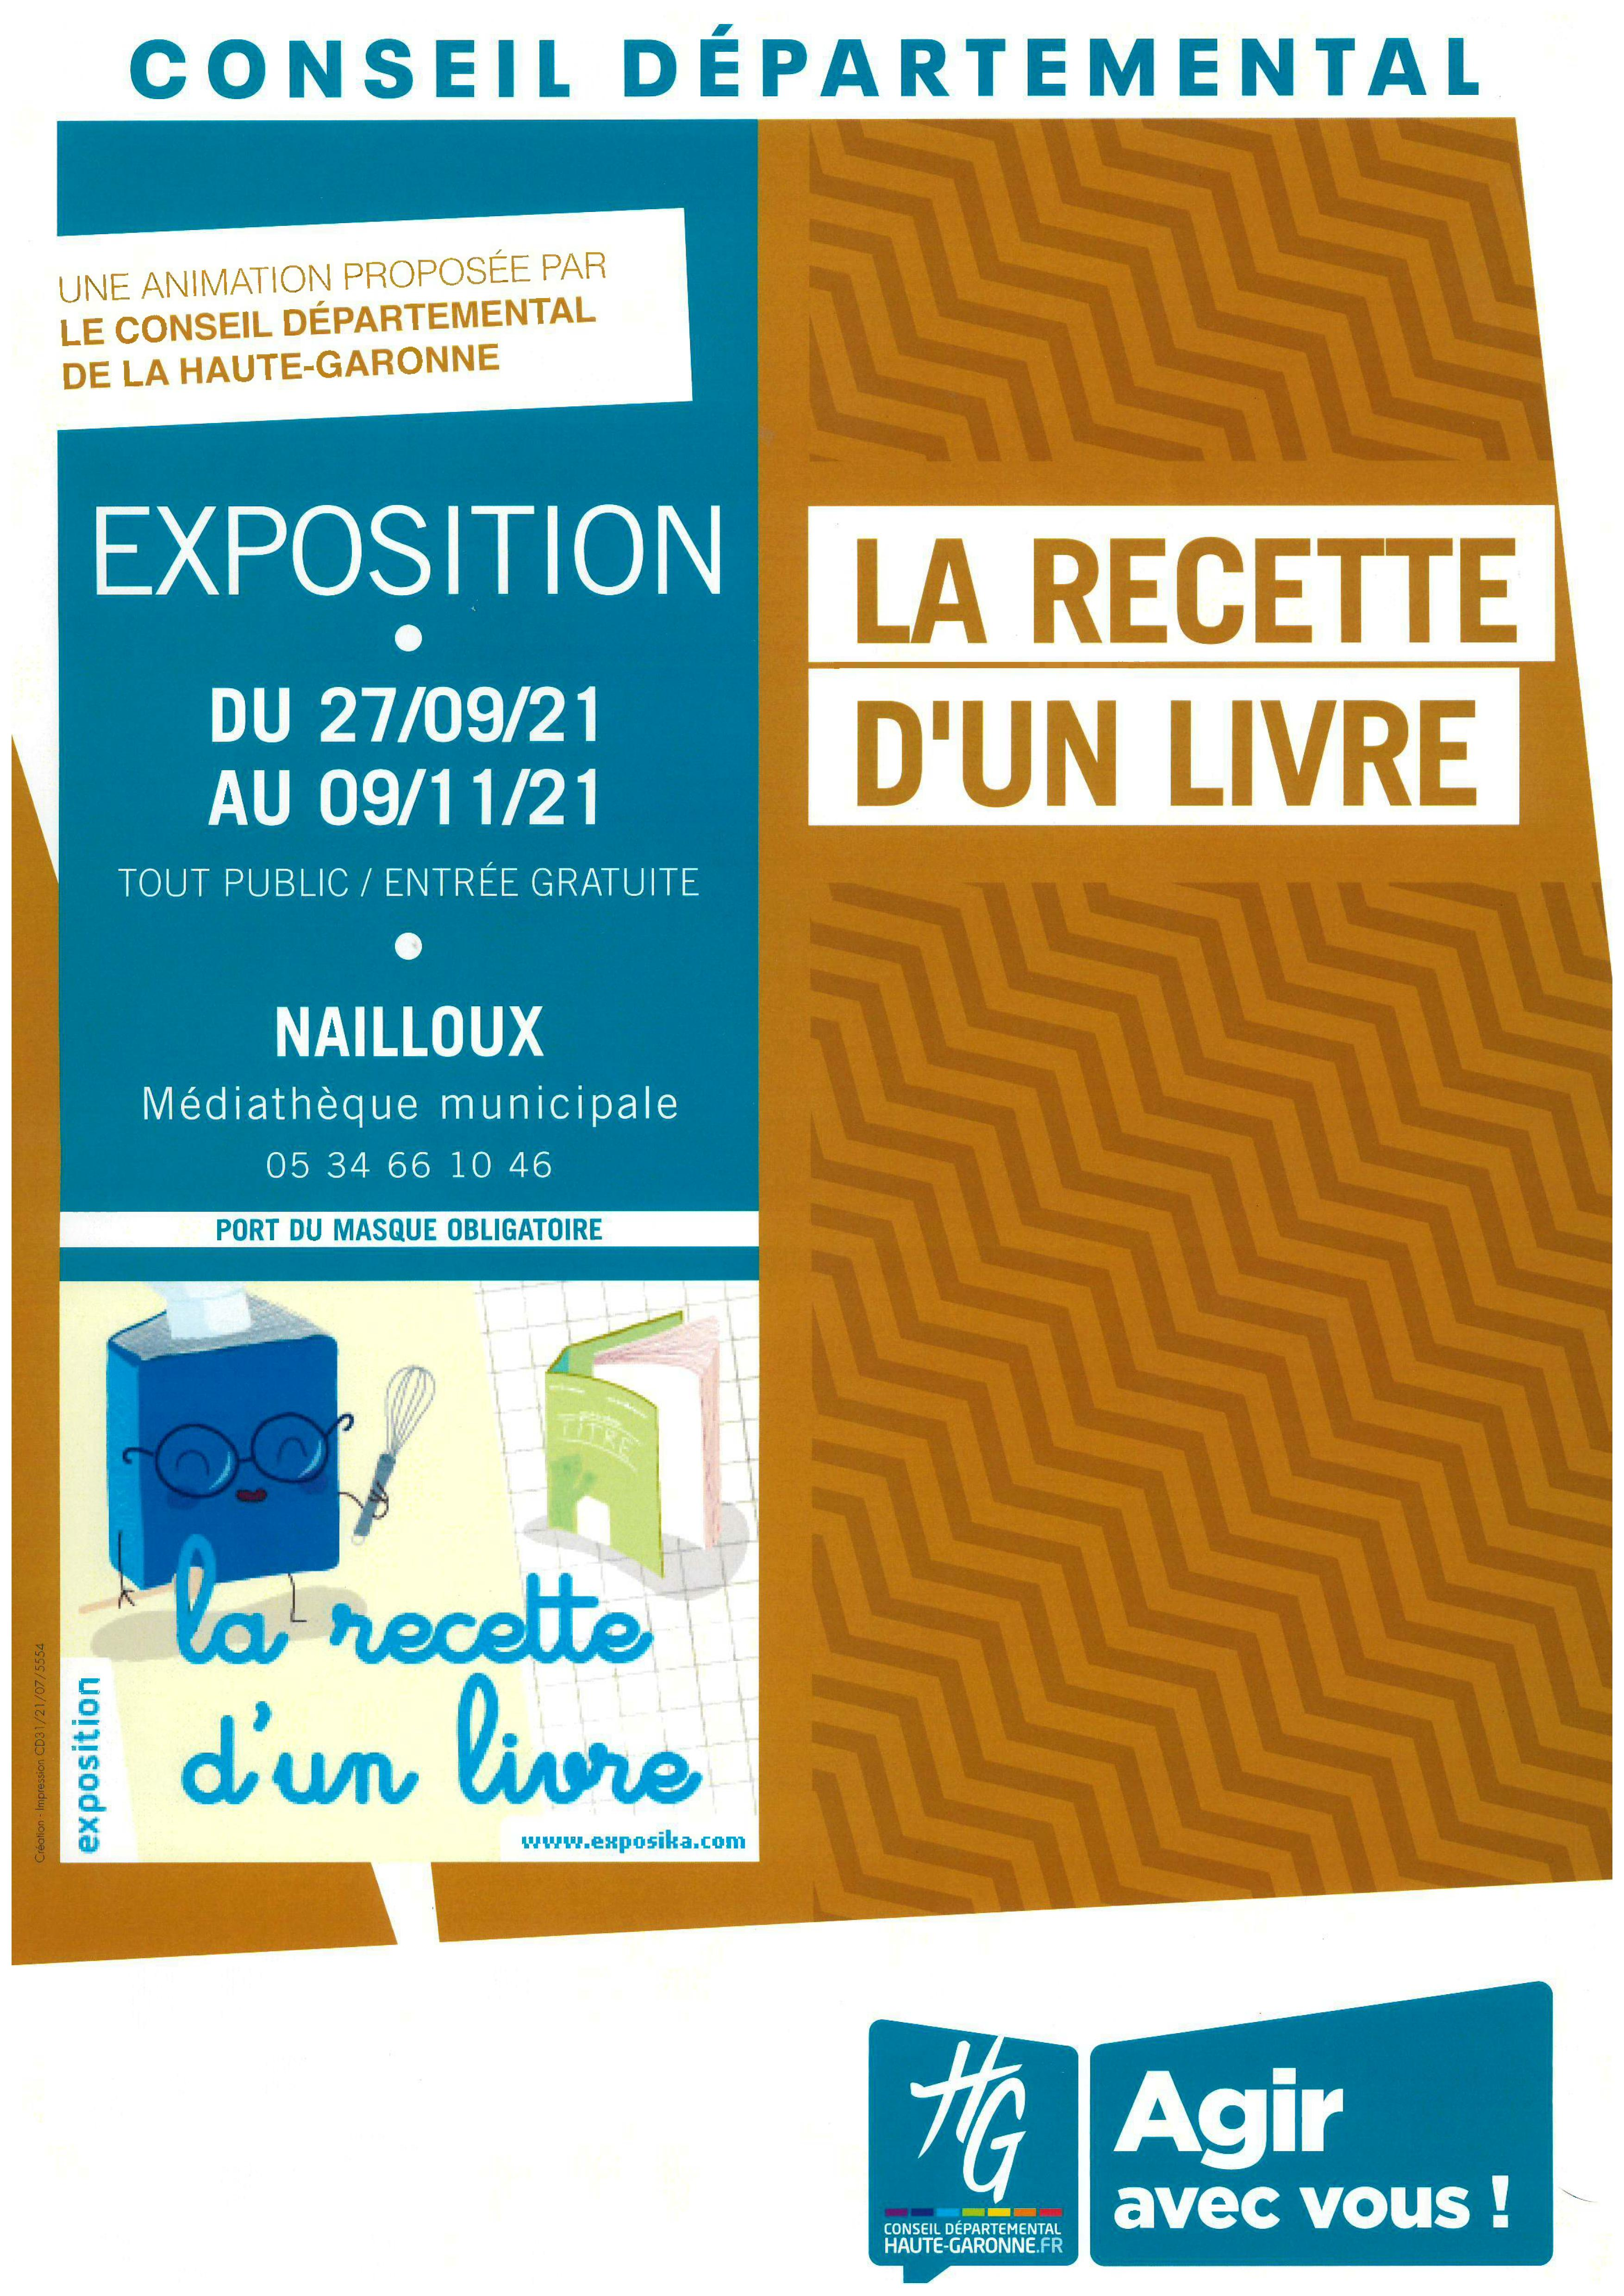 Recette d'un Livre - Médiathèque Départementale de la Haute-Garonne